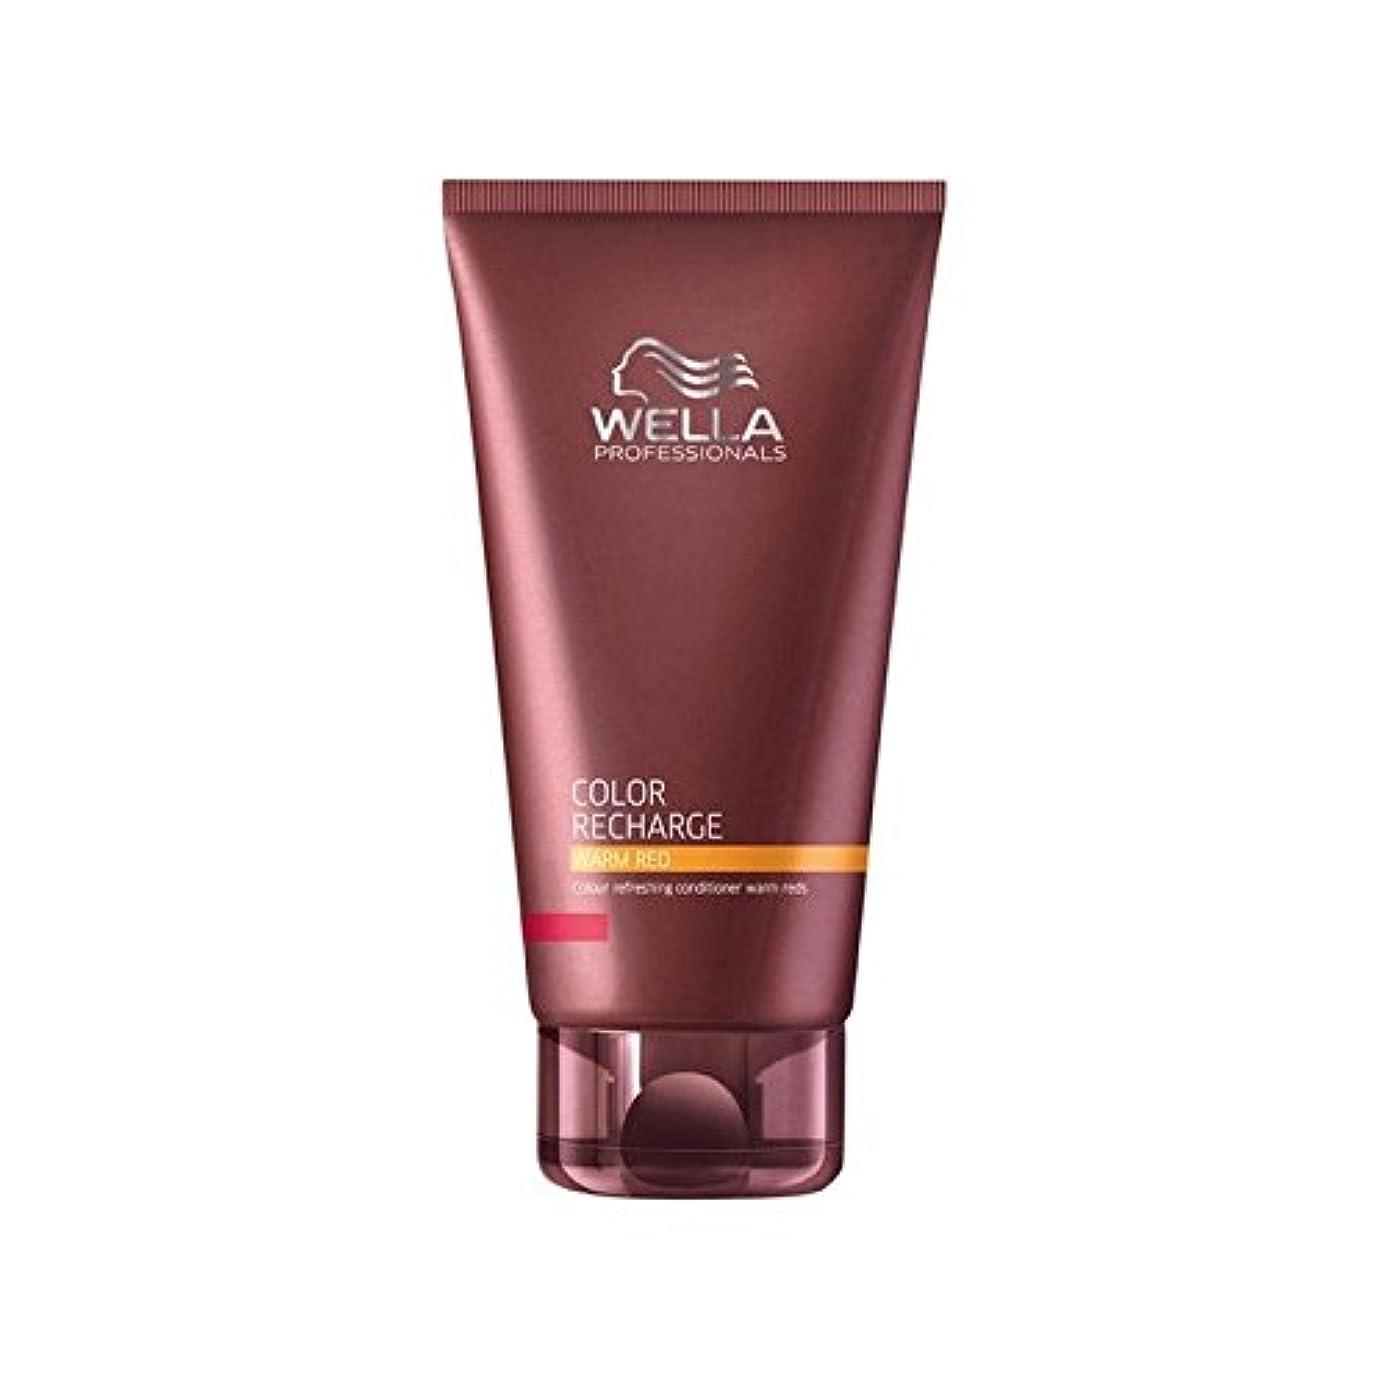 サーキットに行くレンチサポートウエラ専門家のカラー再充電コンディショナー暖かい赤(200ミリリットル) x2 - Wella Professionals Color Recharge Conditioner Warm Red (200ml) (Pack of 2) [並行輸入品]